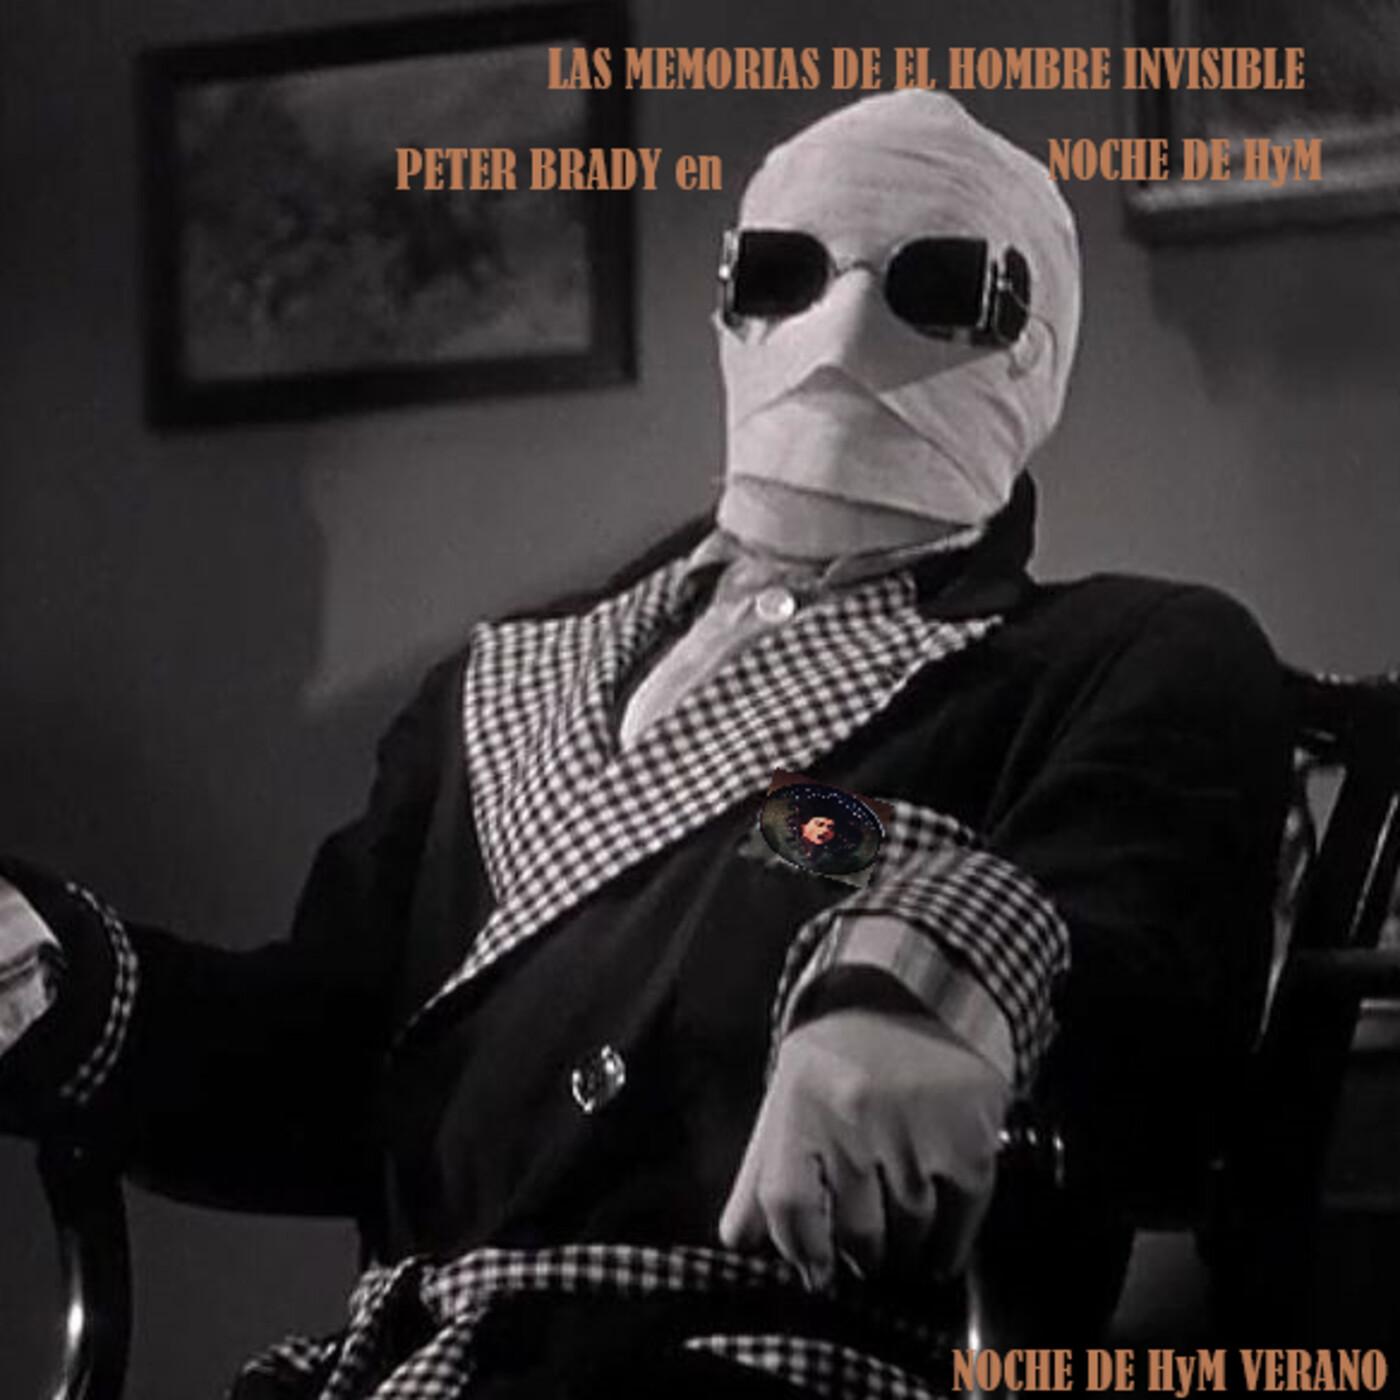 NochedeHyM-416-Verano - LAS MEMORIAS DE EL HOMBRE INVISIBLE. Cap. 3